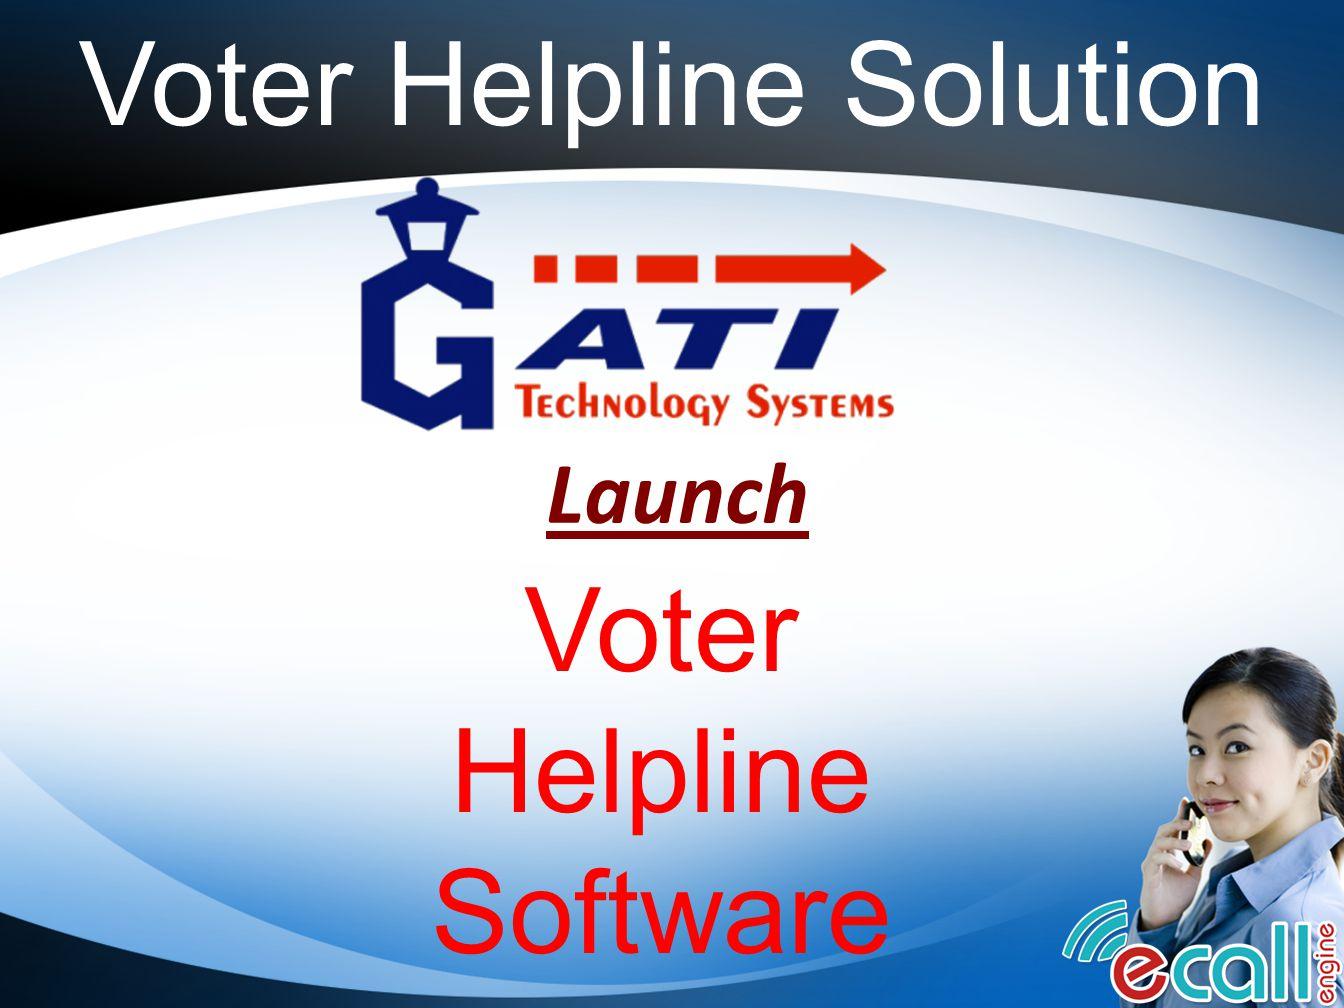 Voter Helpline Solution Launch Voter Helpline Software